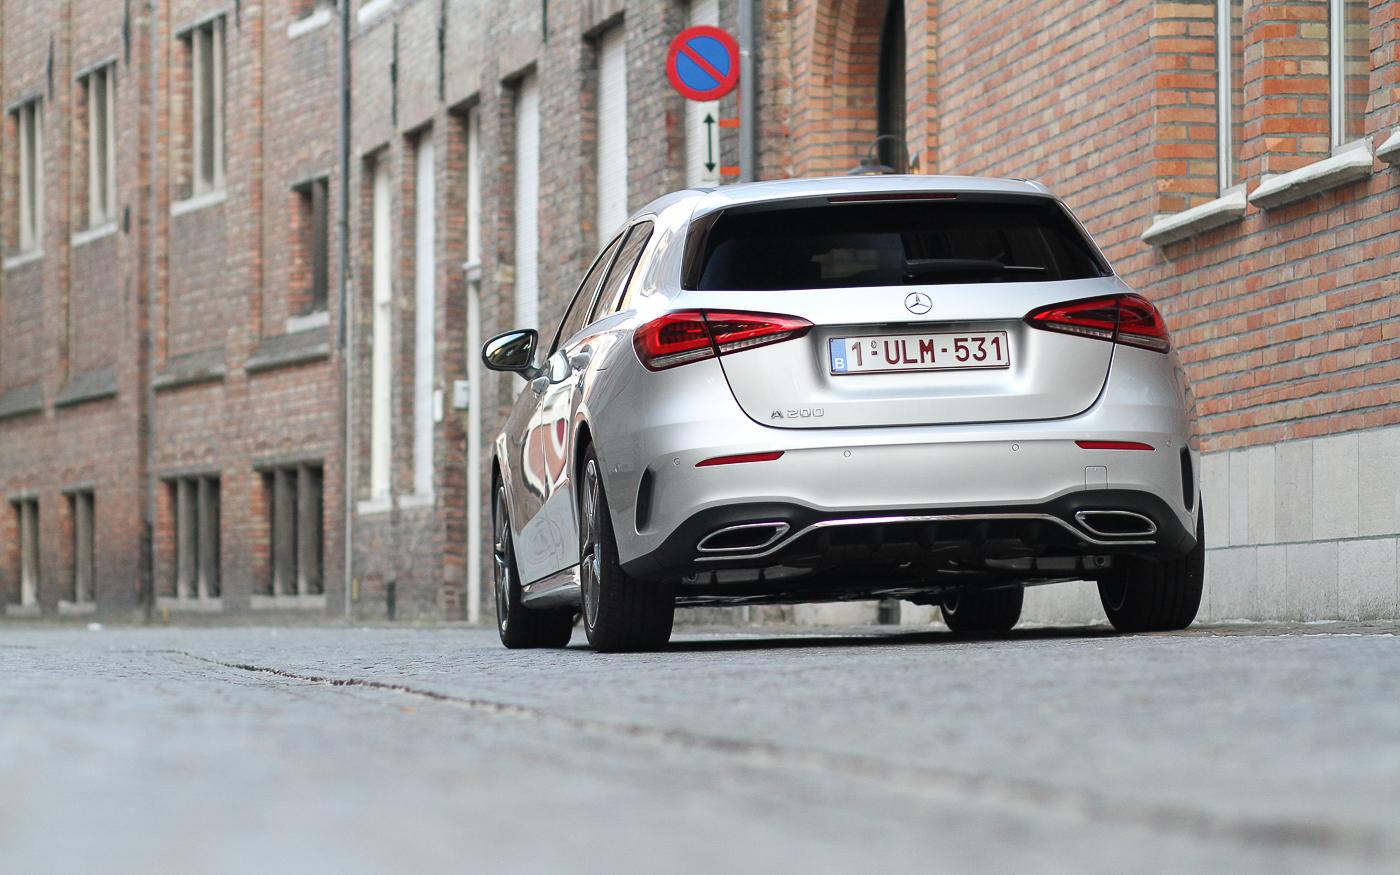 Rijtest – Mercedes-Benz A 200